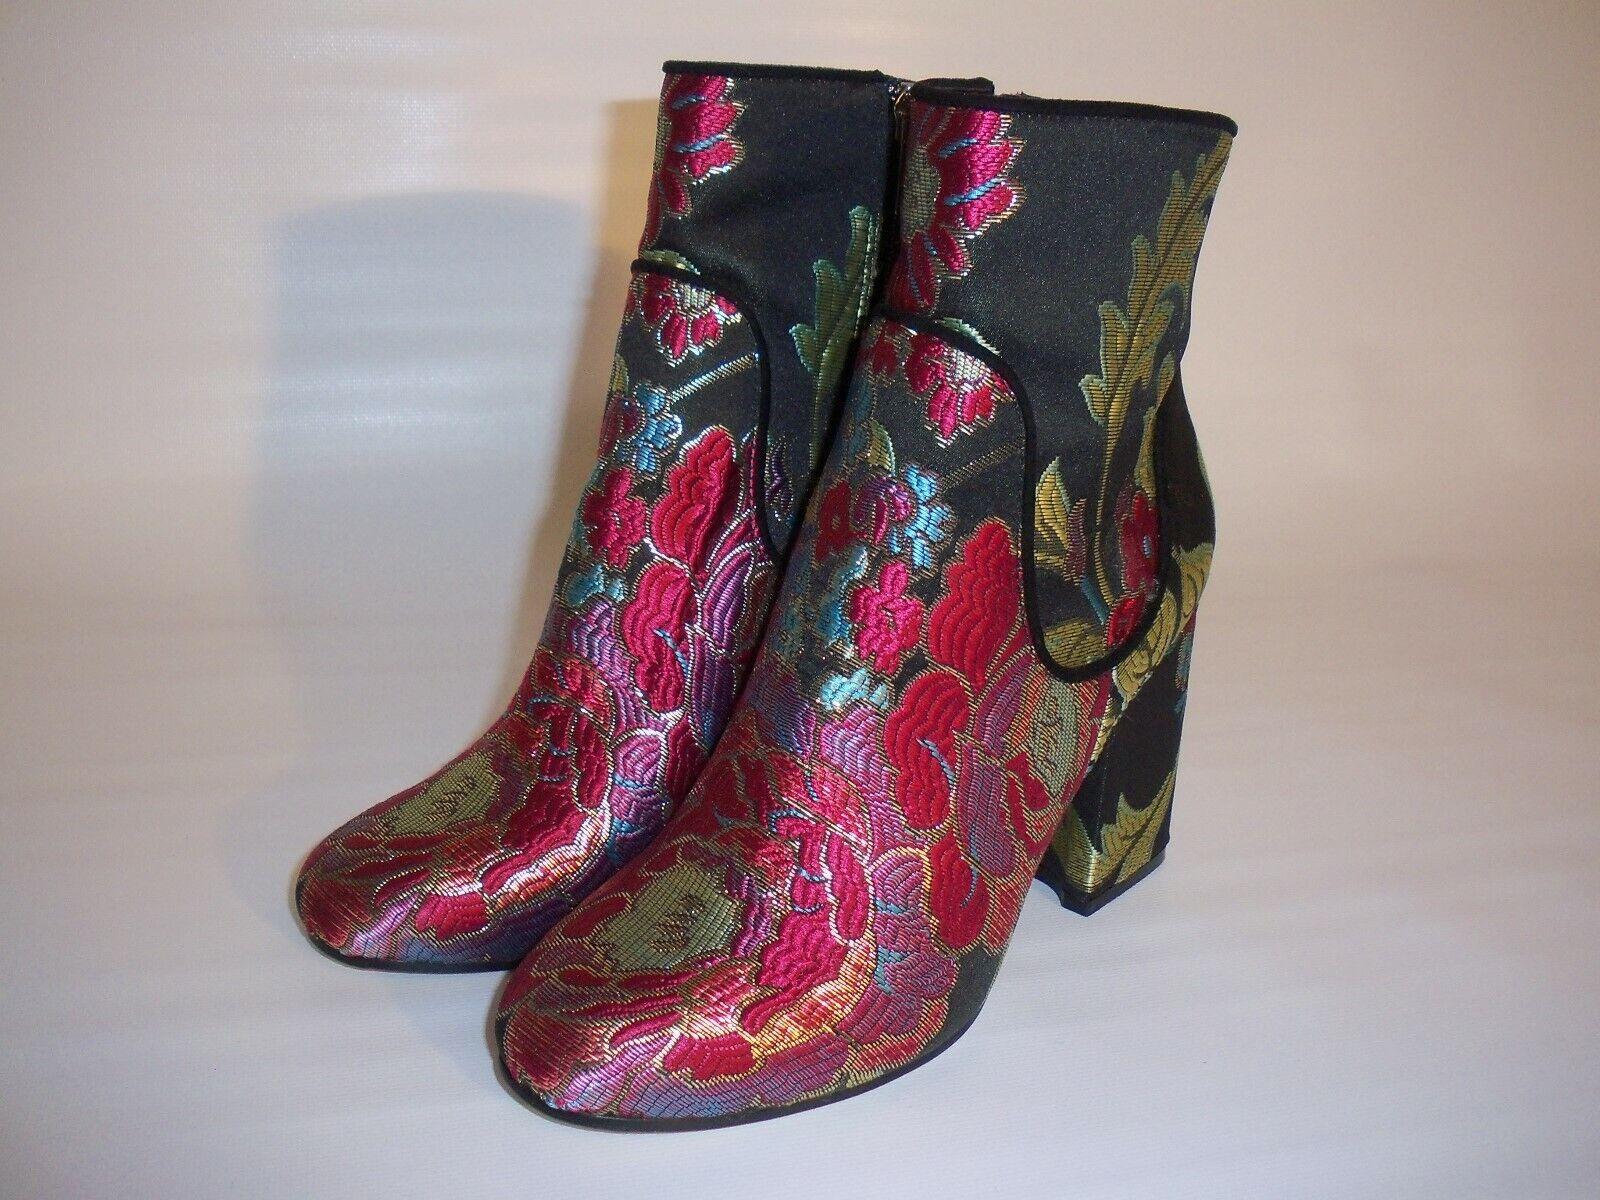 Marc Fisher Jana botas Bordado Floral MultiColor brocado de seda para mujer 6M